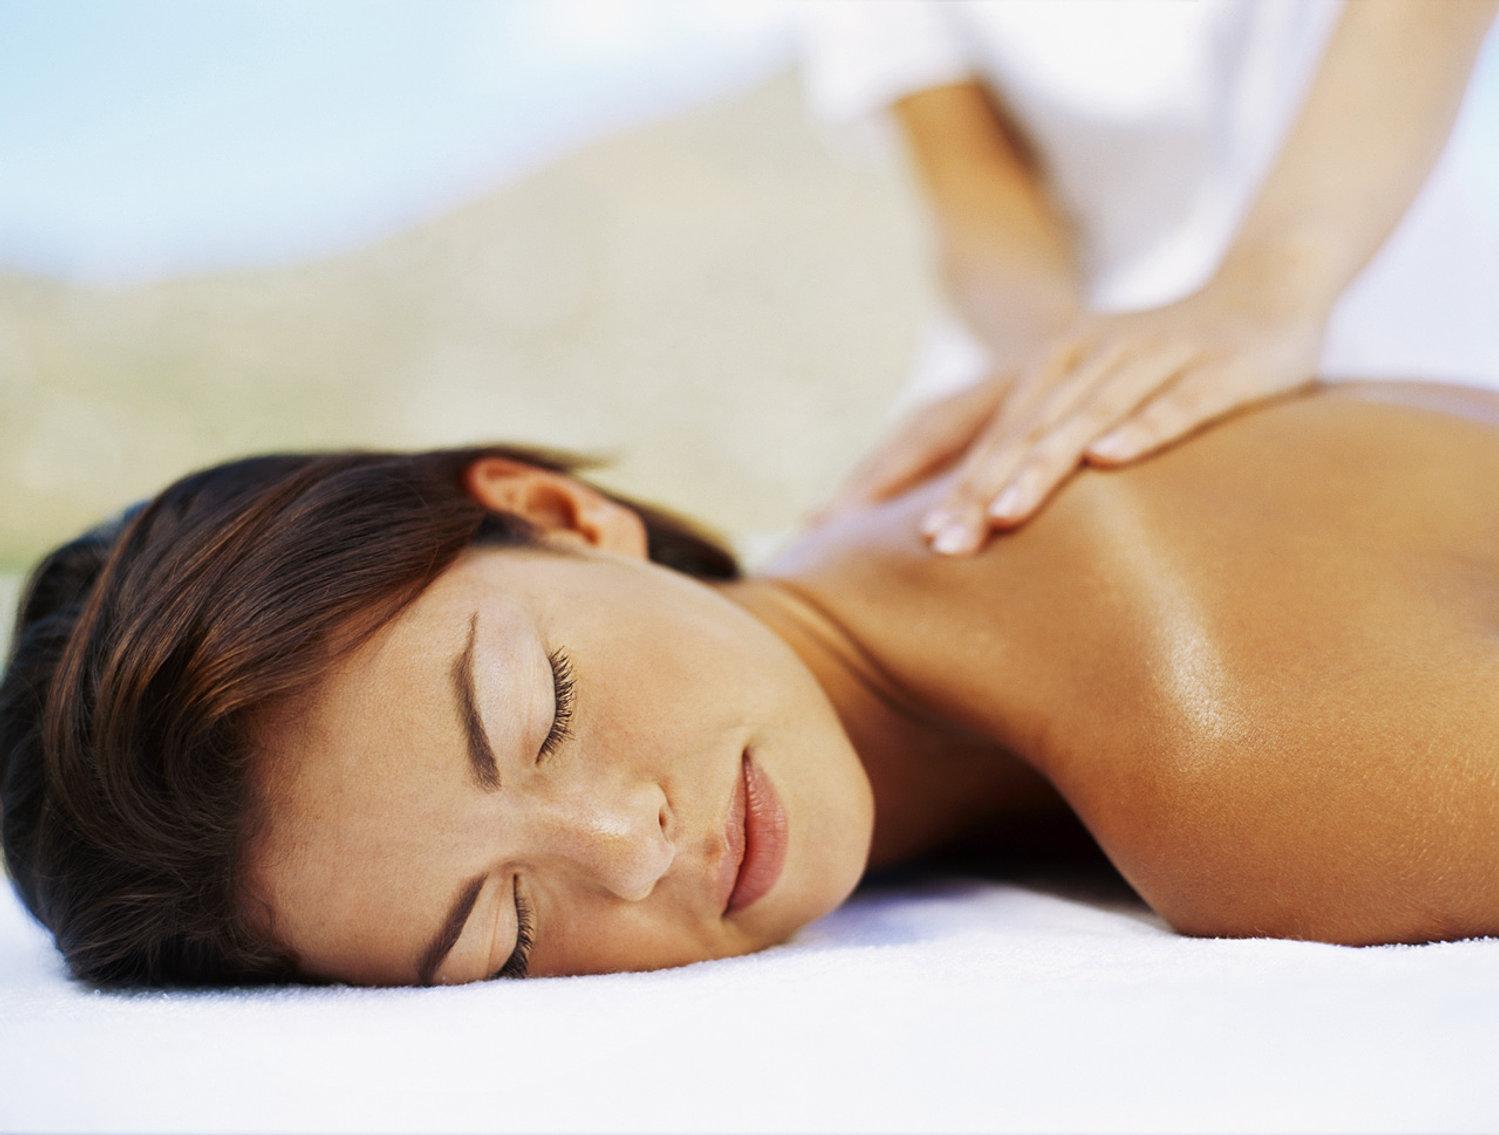 nu massage rött hår i Växjö